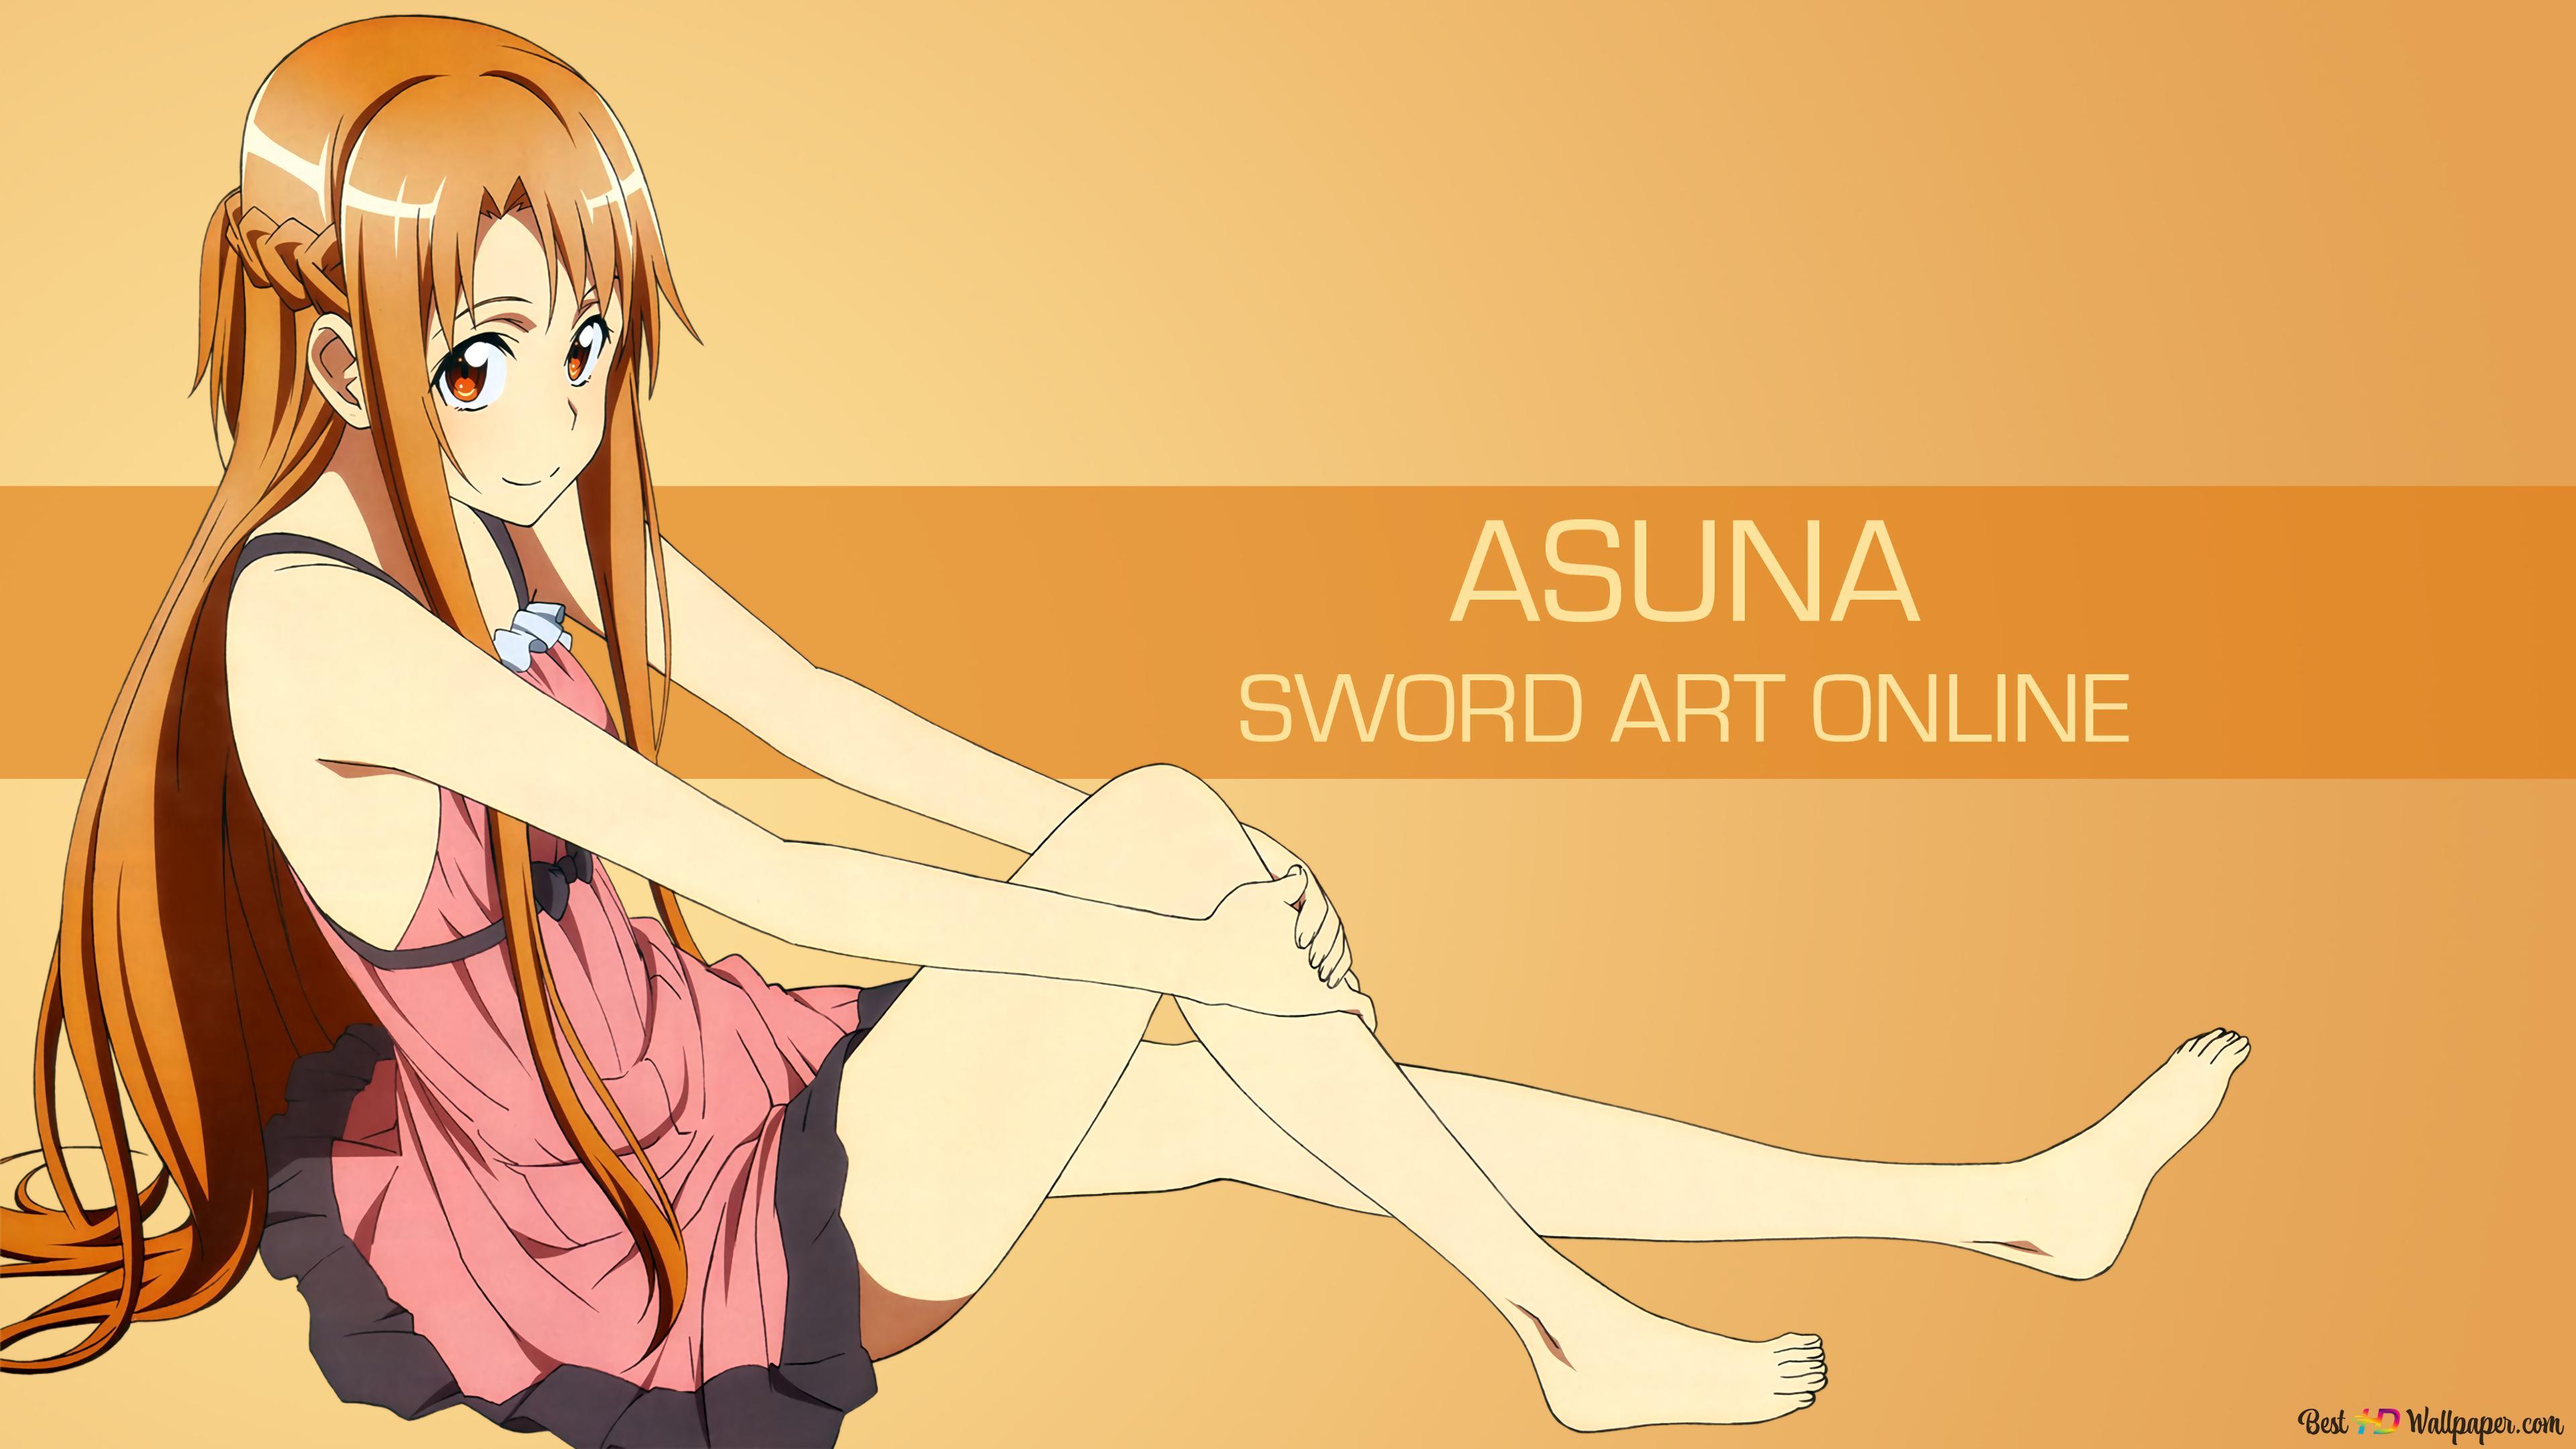 Asuna Sword Art Online Hd Wallpaper Download